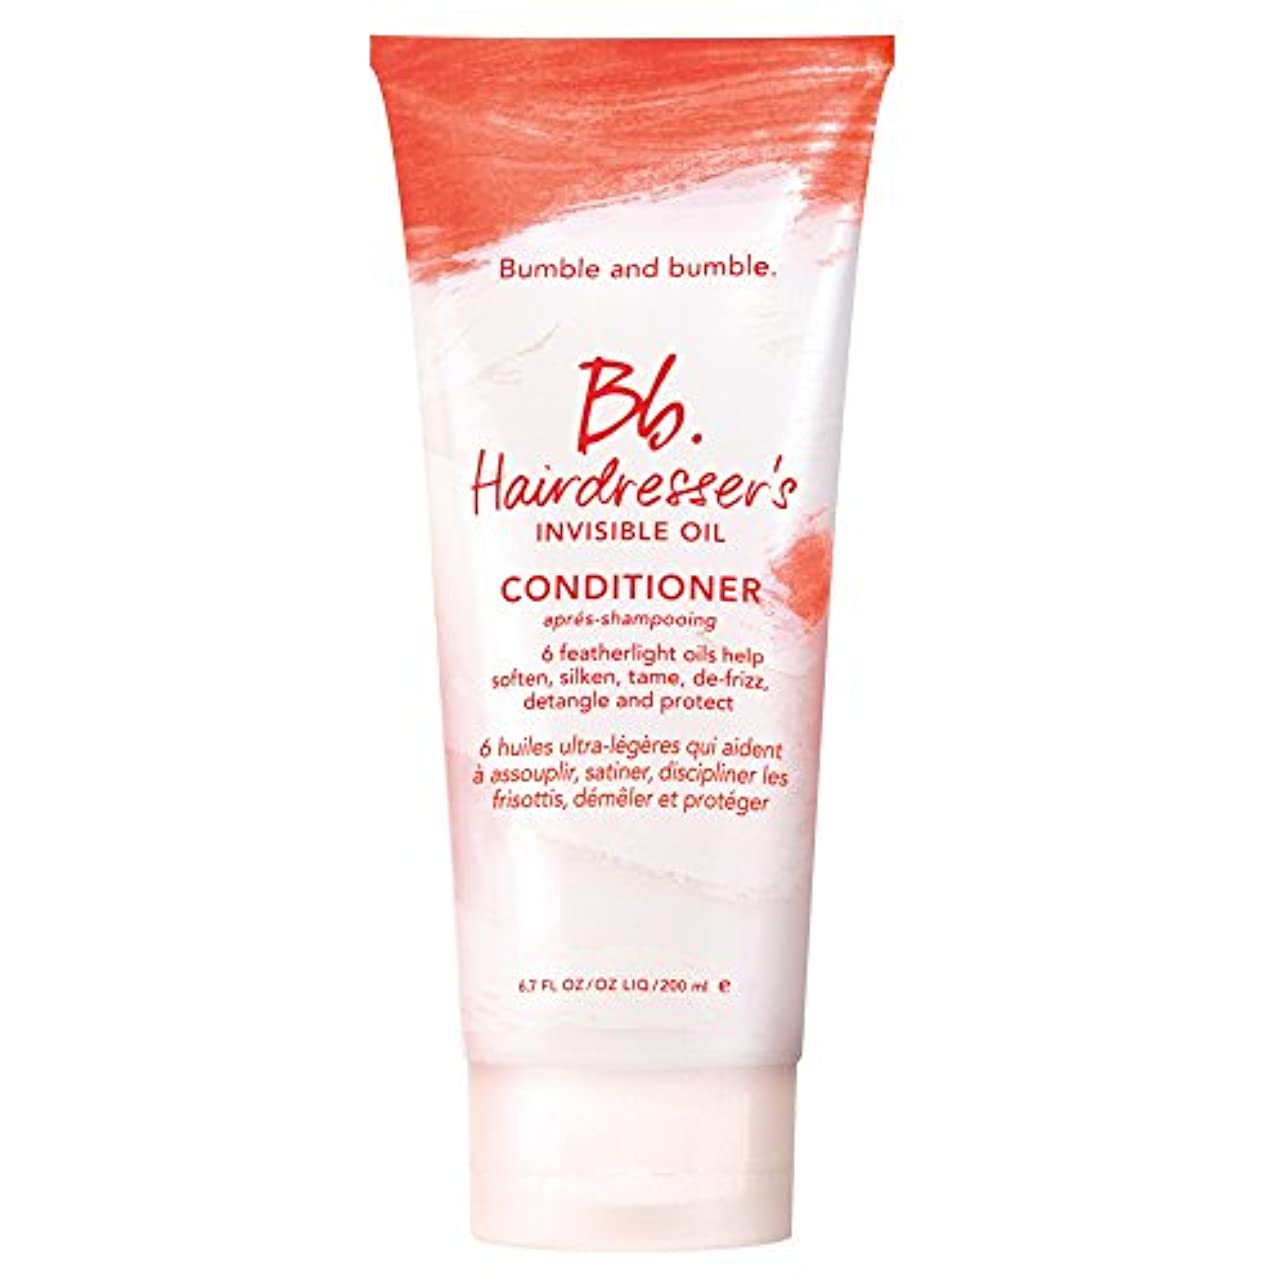 エジプト気候郡バンブルアンドバンブル美容見えないオイルコンディショナー200ミリリットル (Bumble and bumble) - Bumble and bumble Hairdressers invisible oil conditioner...